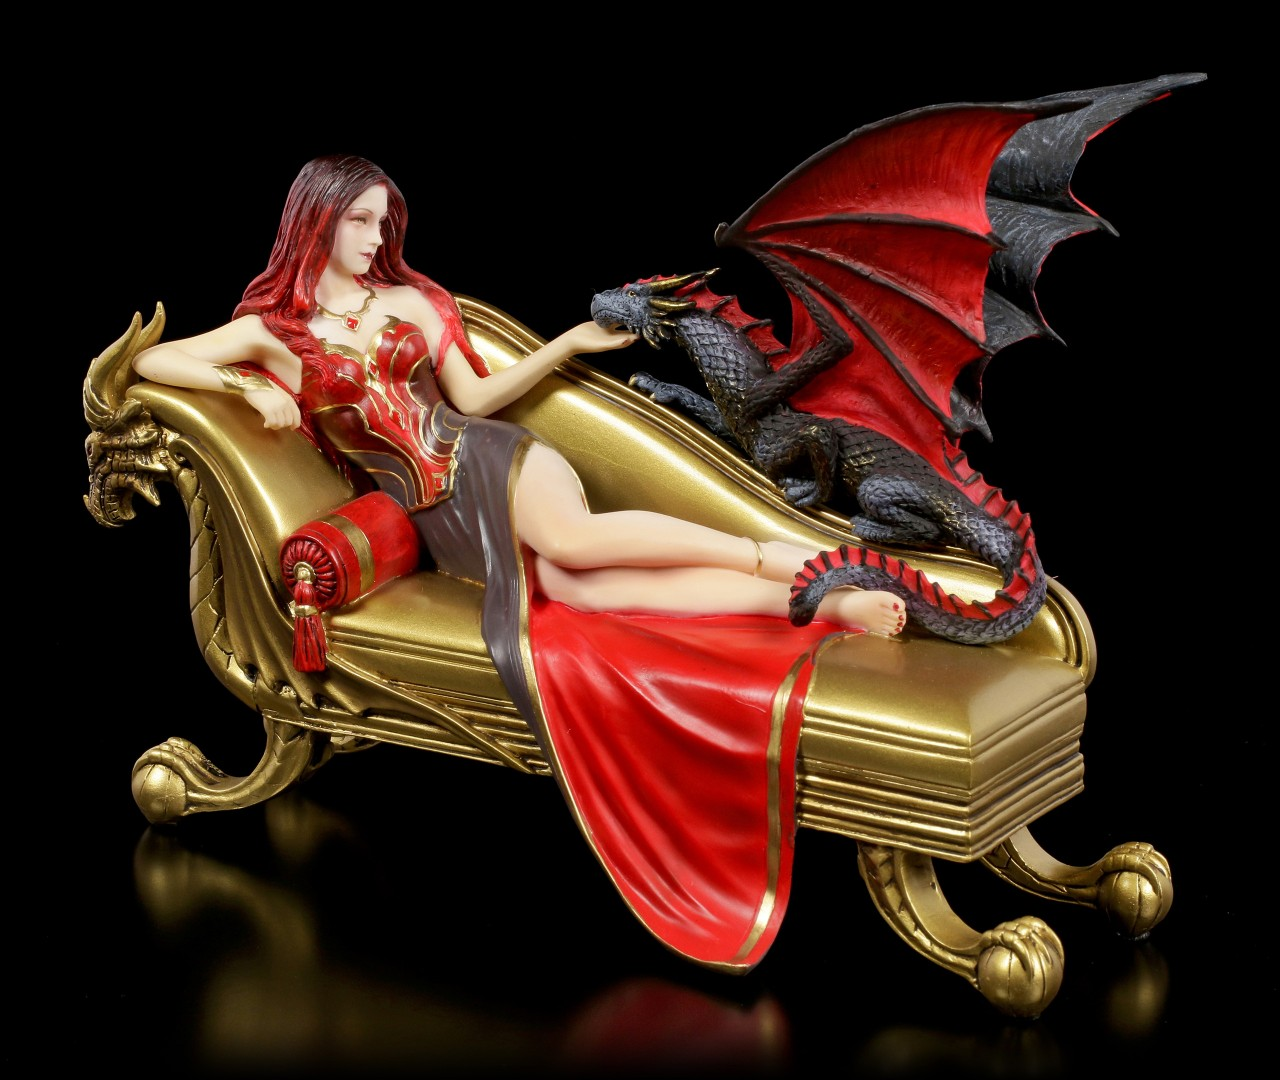 Dragon Figurine with Princess - Dragon Companion